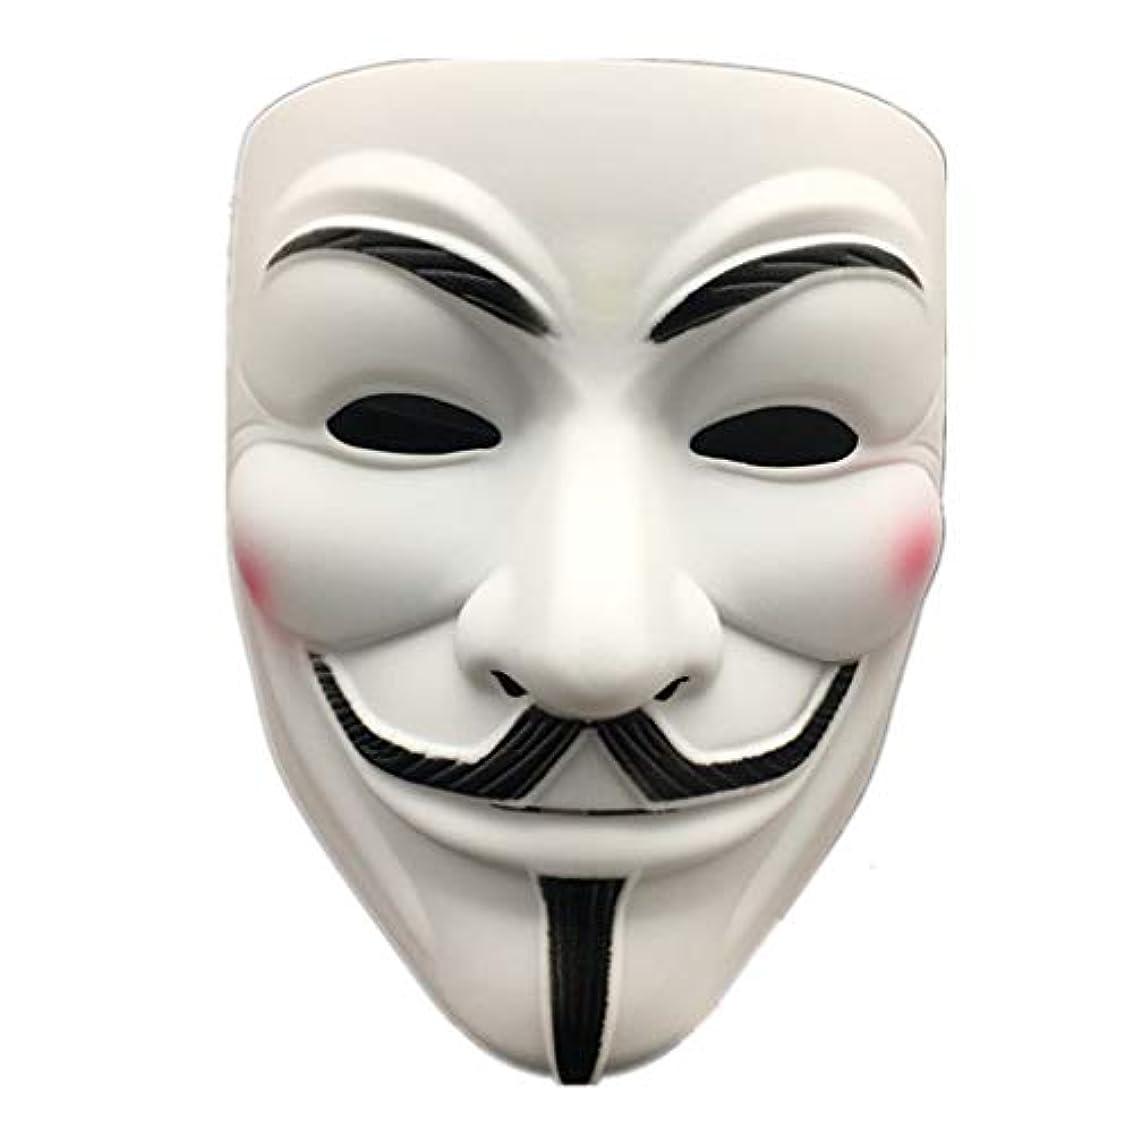 圧縮された想定する職業ハロウィンマスクフルフェイスストリートダンス振動マスク仮装変なマスクダンスマスク